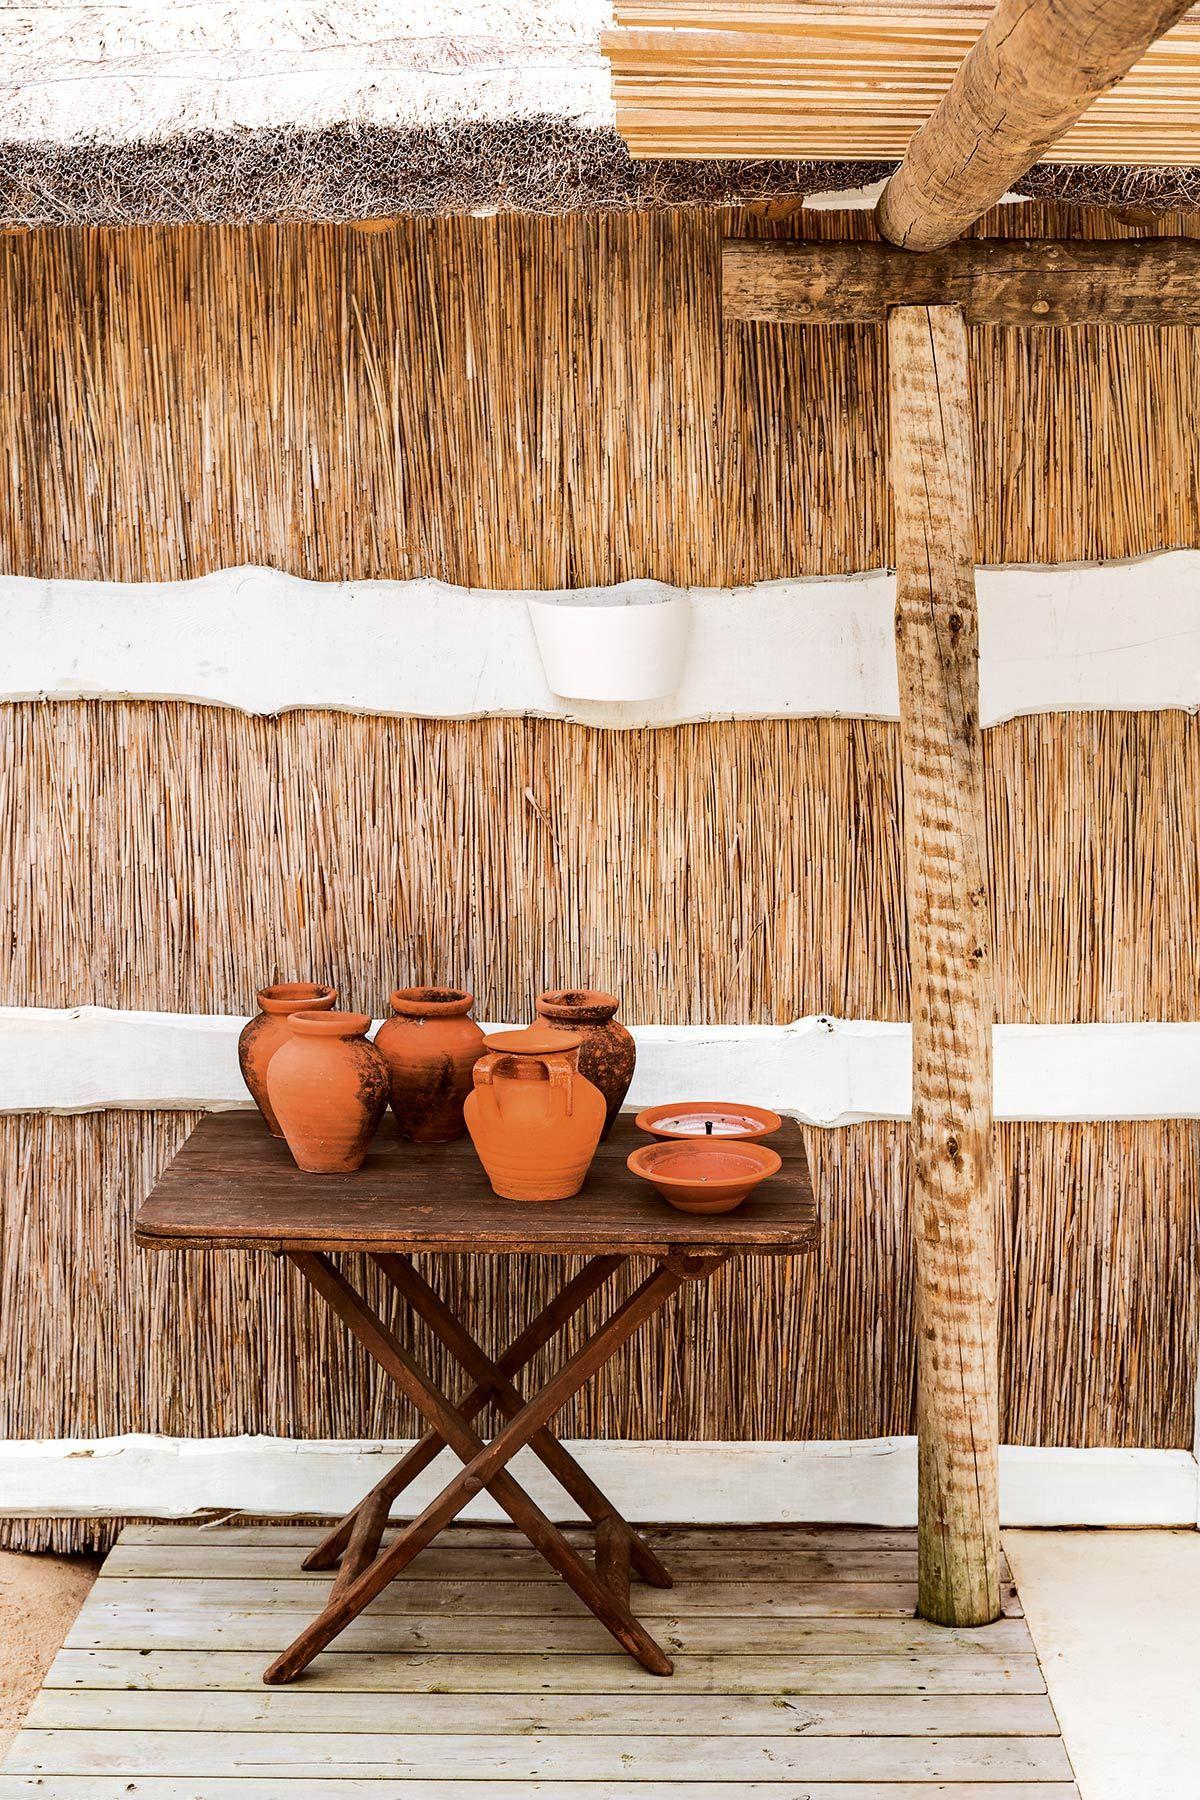 Une cabane de p cheur au portugal dream home outside cabane de pecheur maison e cabane - Maison de pecheur portugal ...